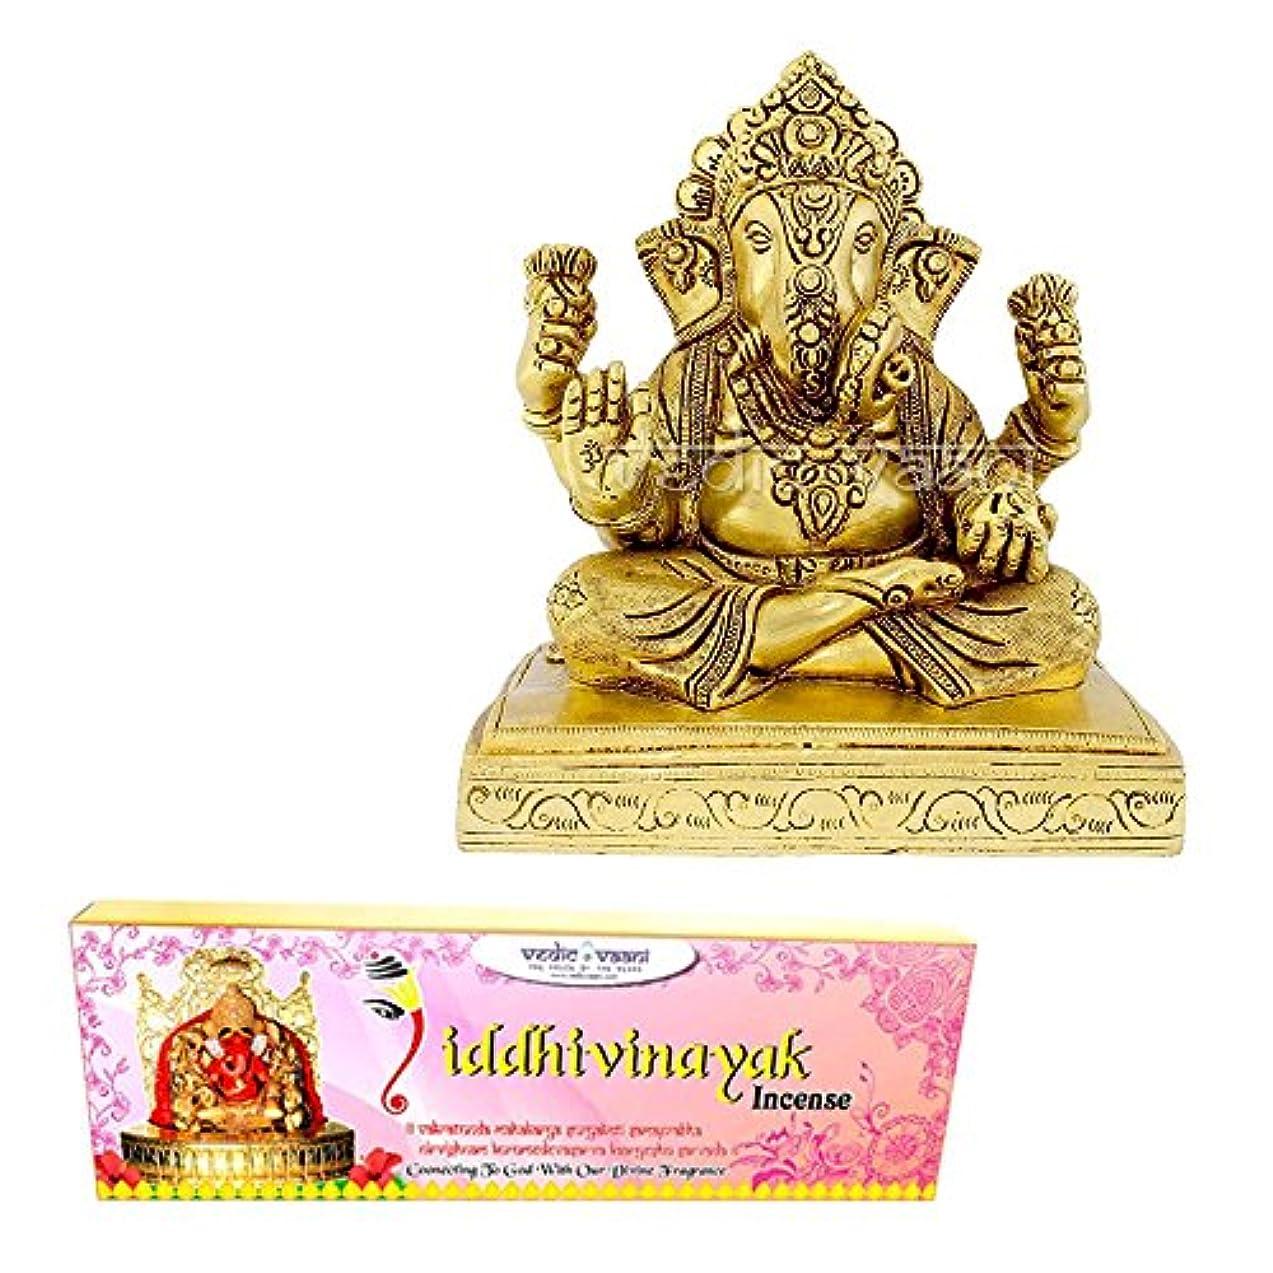 生き返らせる協力的舗装Vedic Vaani Dagadusheth Ganpati Bappa Fine Idol In Brass With Siddhi Vinayak Incense